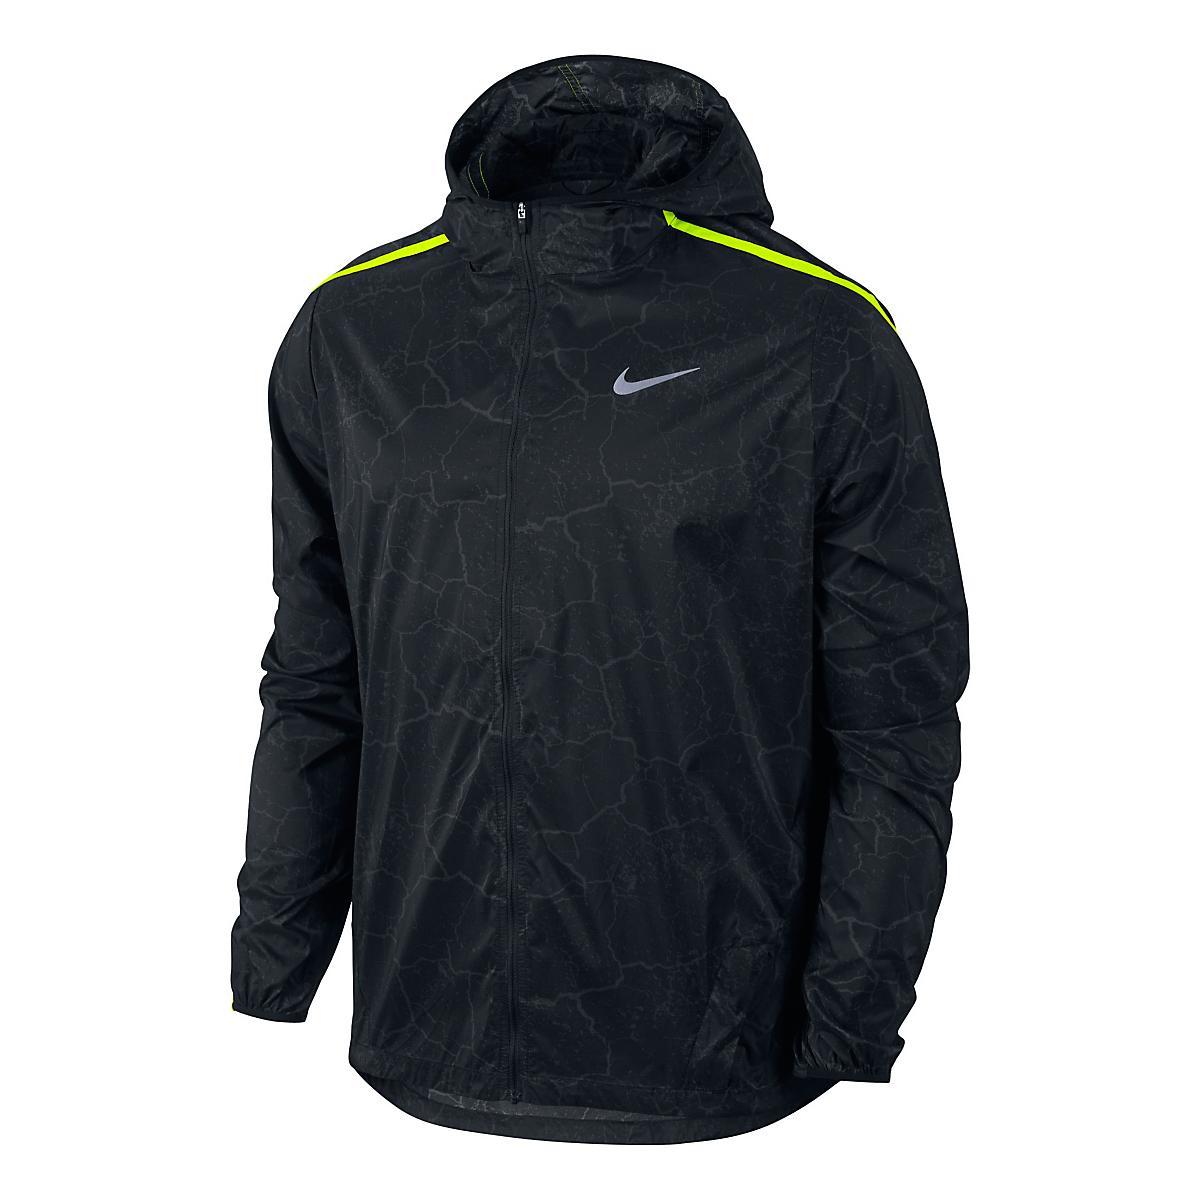 Men's Nike�Impossibly Light Crackled Jacket